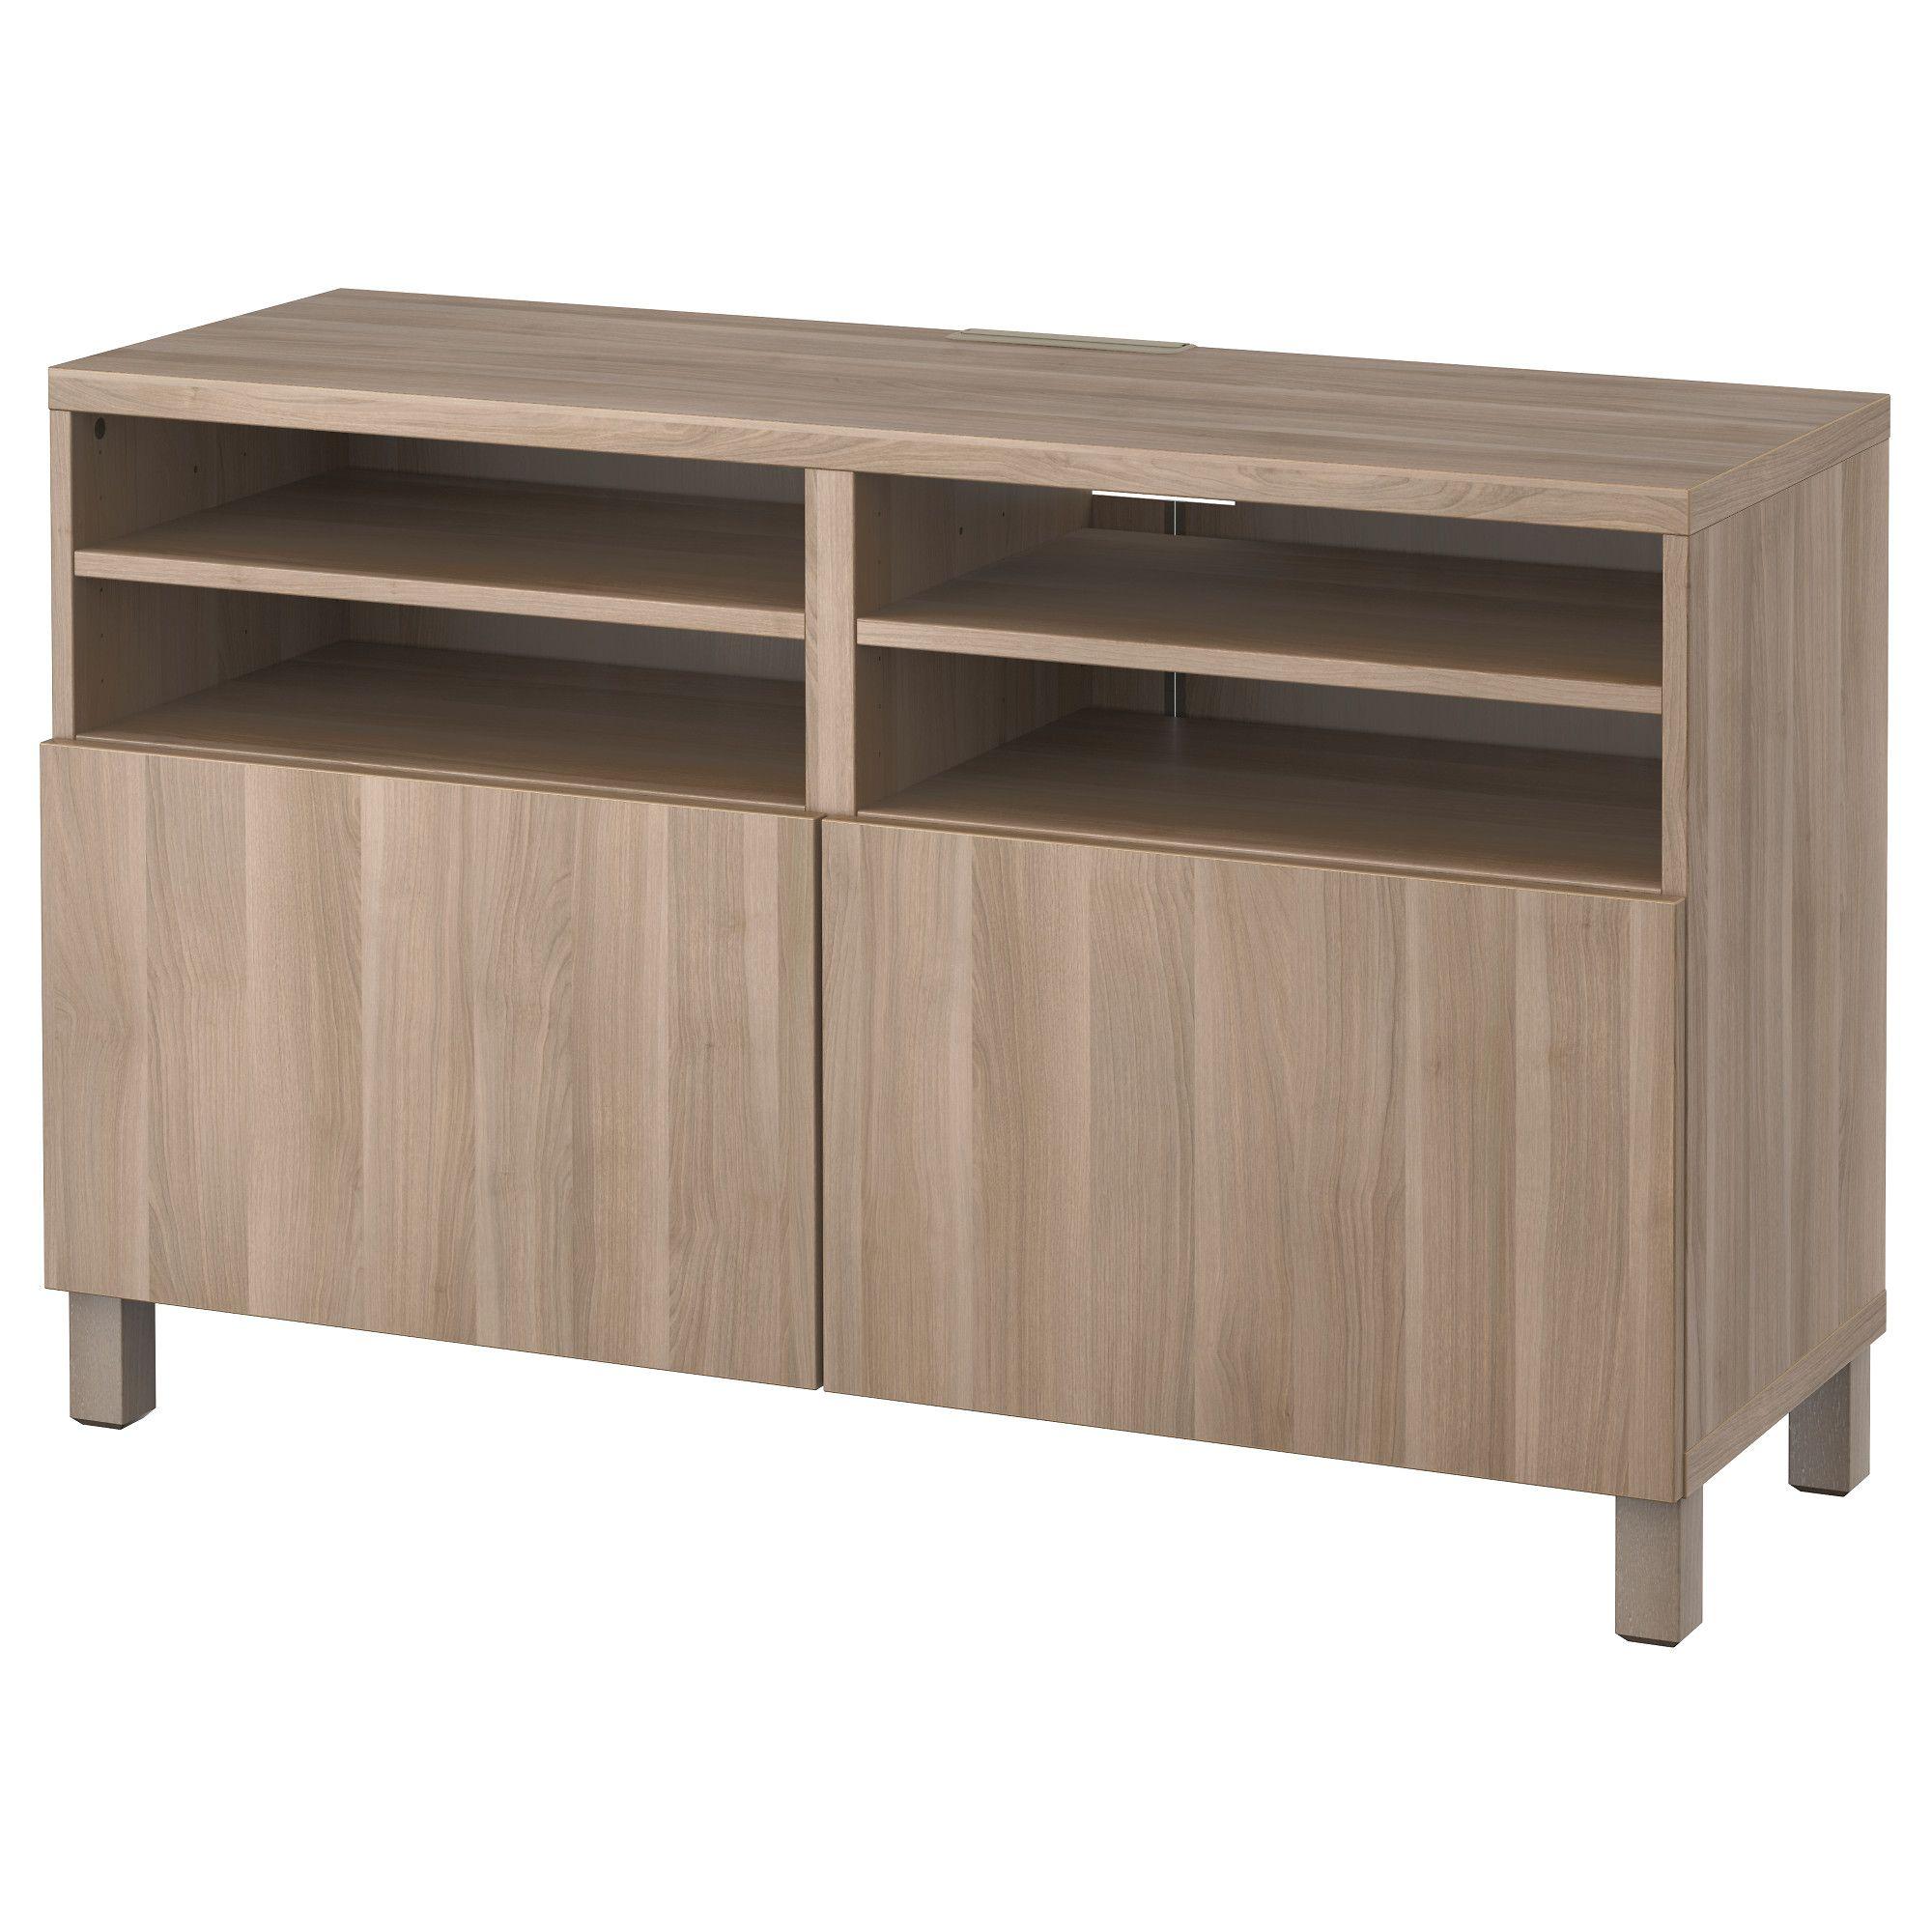 Best Tv Bank Mit T Ren Lappviken Grau Las Nussbaumnachb  # Banc Tv Ikea Besta Noyer Teinte Gris